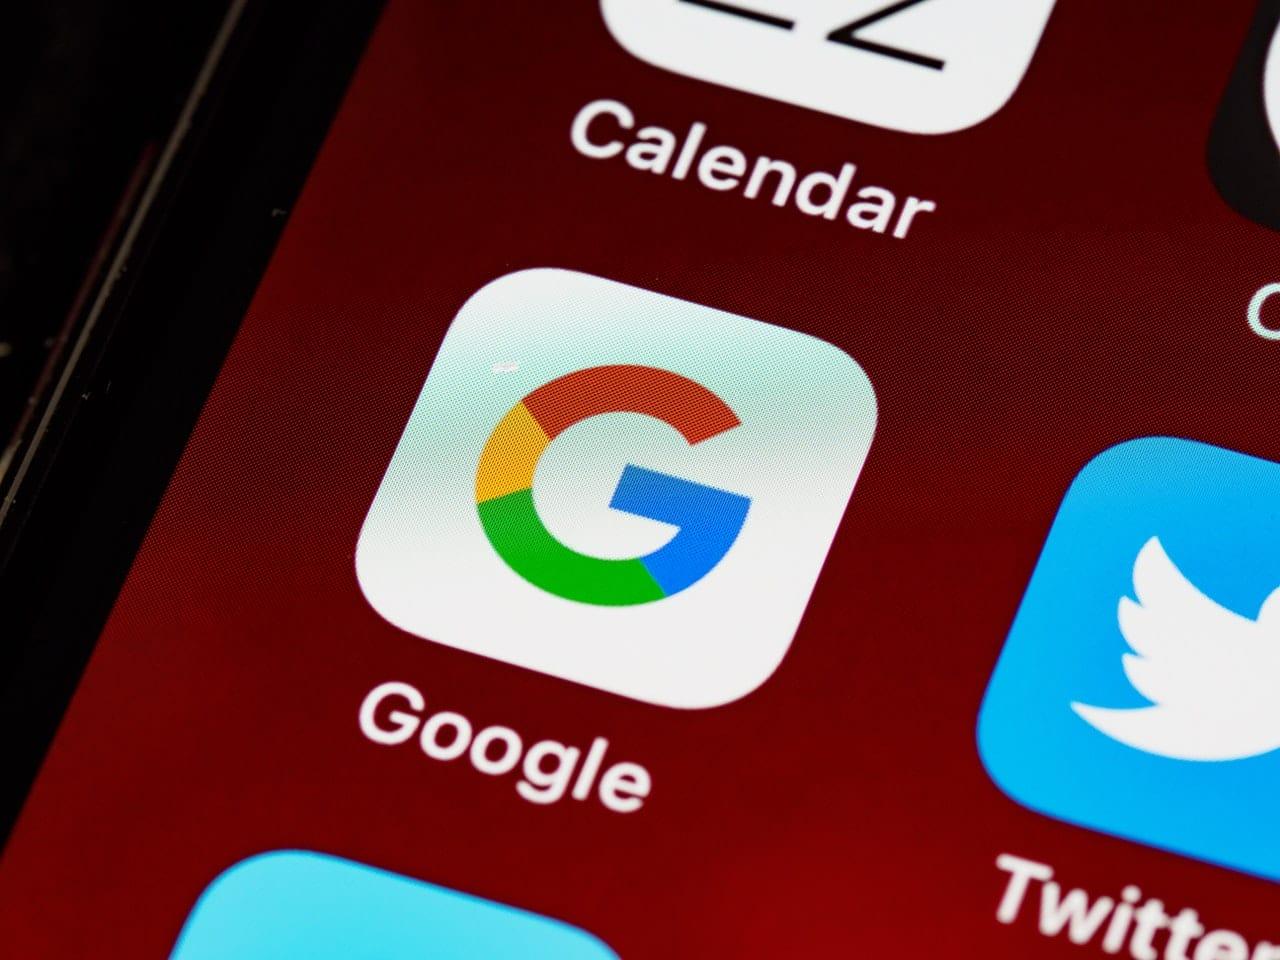 Smartfony Honor nie zaoferują dostępu do usług Google.